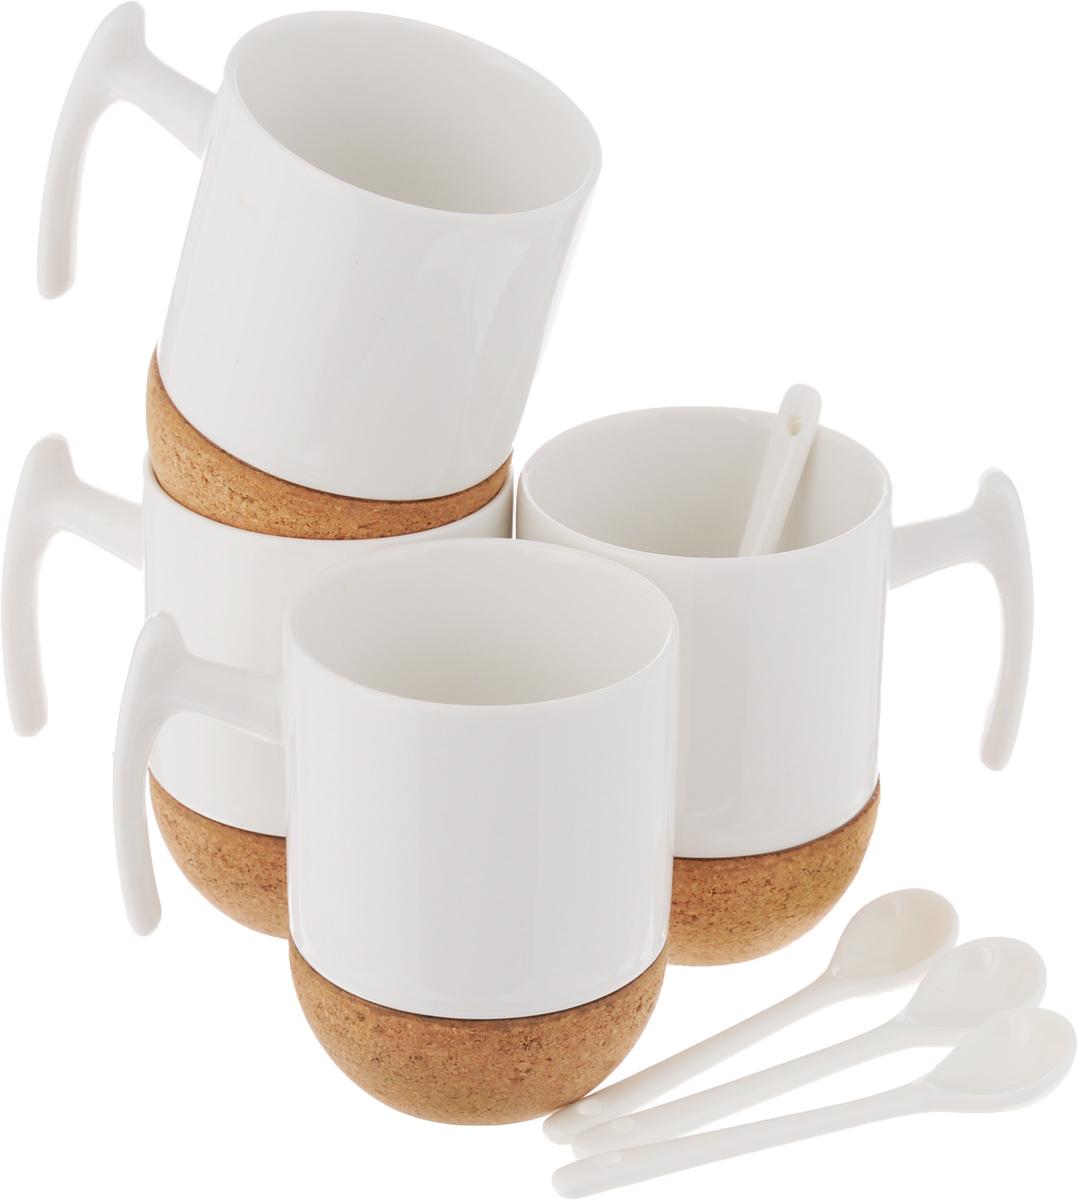 Набор чайный EcoWoo, 8 предметовFS-91909Набор чайный EcoWoo - это не только идеальный подарок, но и прекрасный повод побаловать себя! Набор состоит из 4 фарфоровых кружек с пробковым основанием и 4 ложек.Такой набор станет идеальным решением для ценителей экологичных деталей в интерьере и поклонников здорового образа жизни.Не использовать в посудомоечной машине.Объем кружки: 280 мл.Диаметр кружки (по верхнему краю): 7,5 см.Высота кружки: 10,5 см.Длина ложки: 11,5 см.